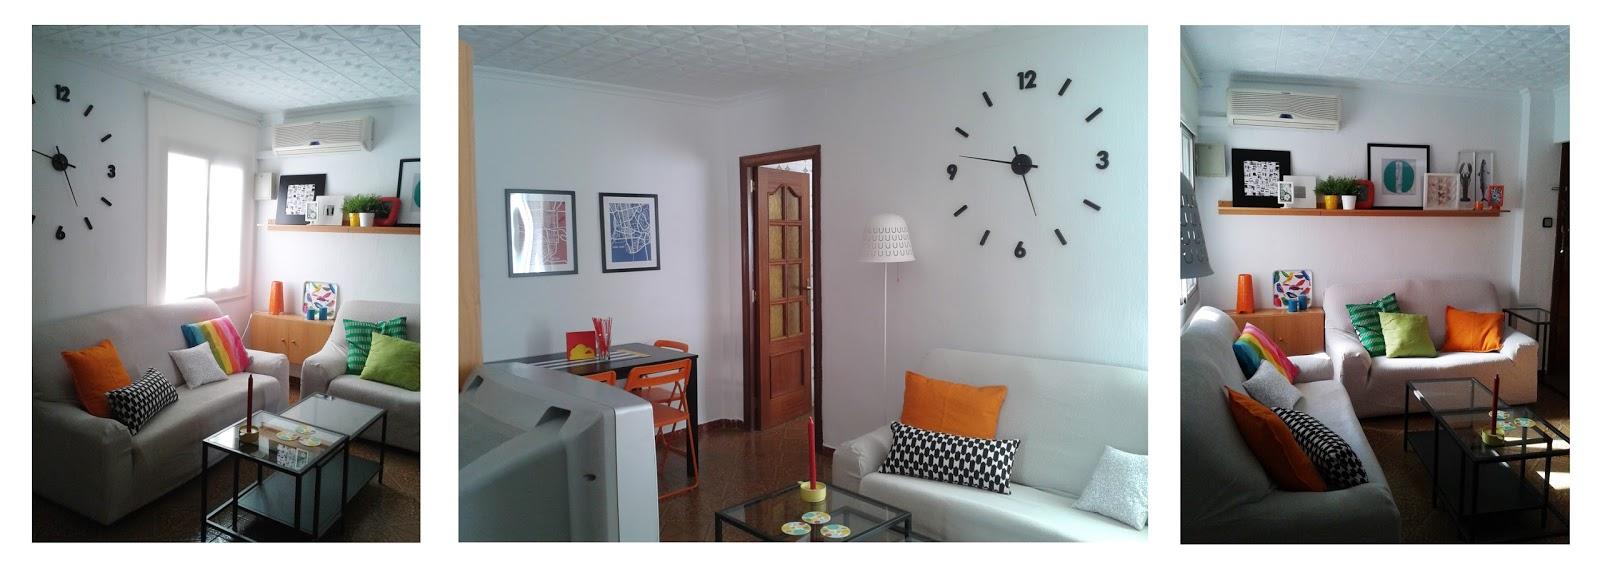 Estudio zep adecuaci n de piso para alquiler a - Alquiler de pisos para estudiantes ...